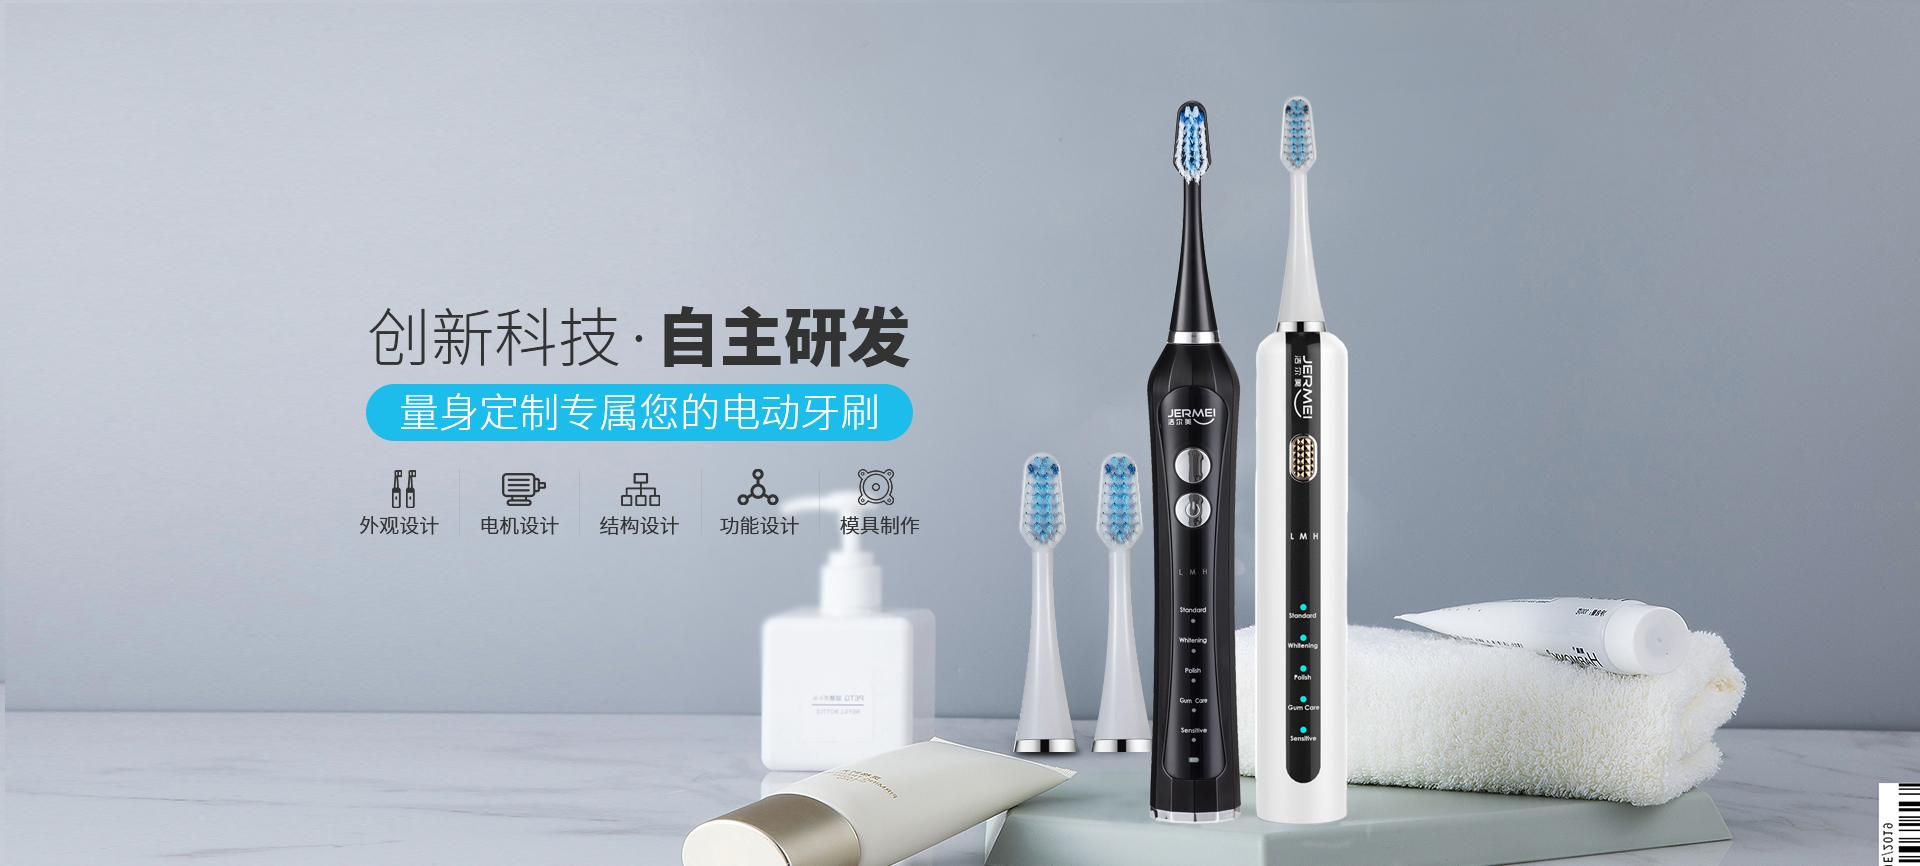 洁尔美创新科技,自主研发电动牙刷